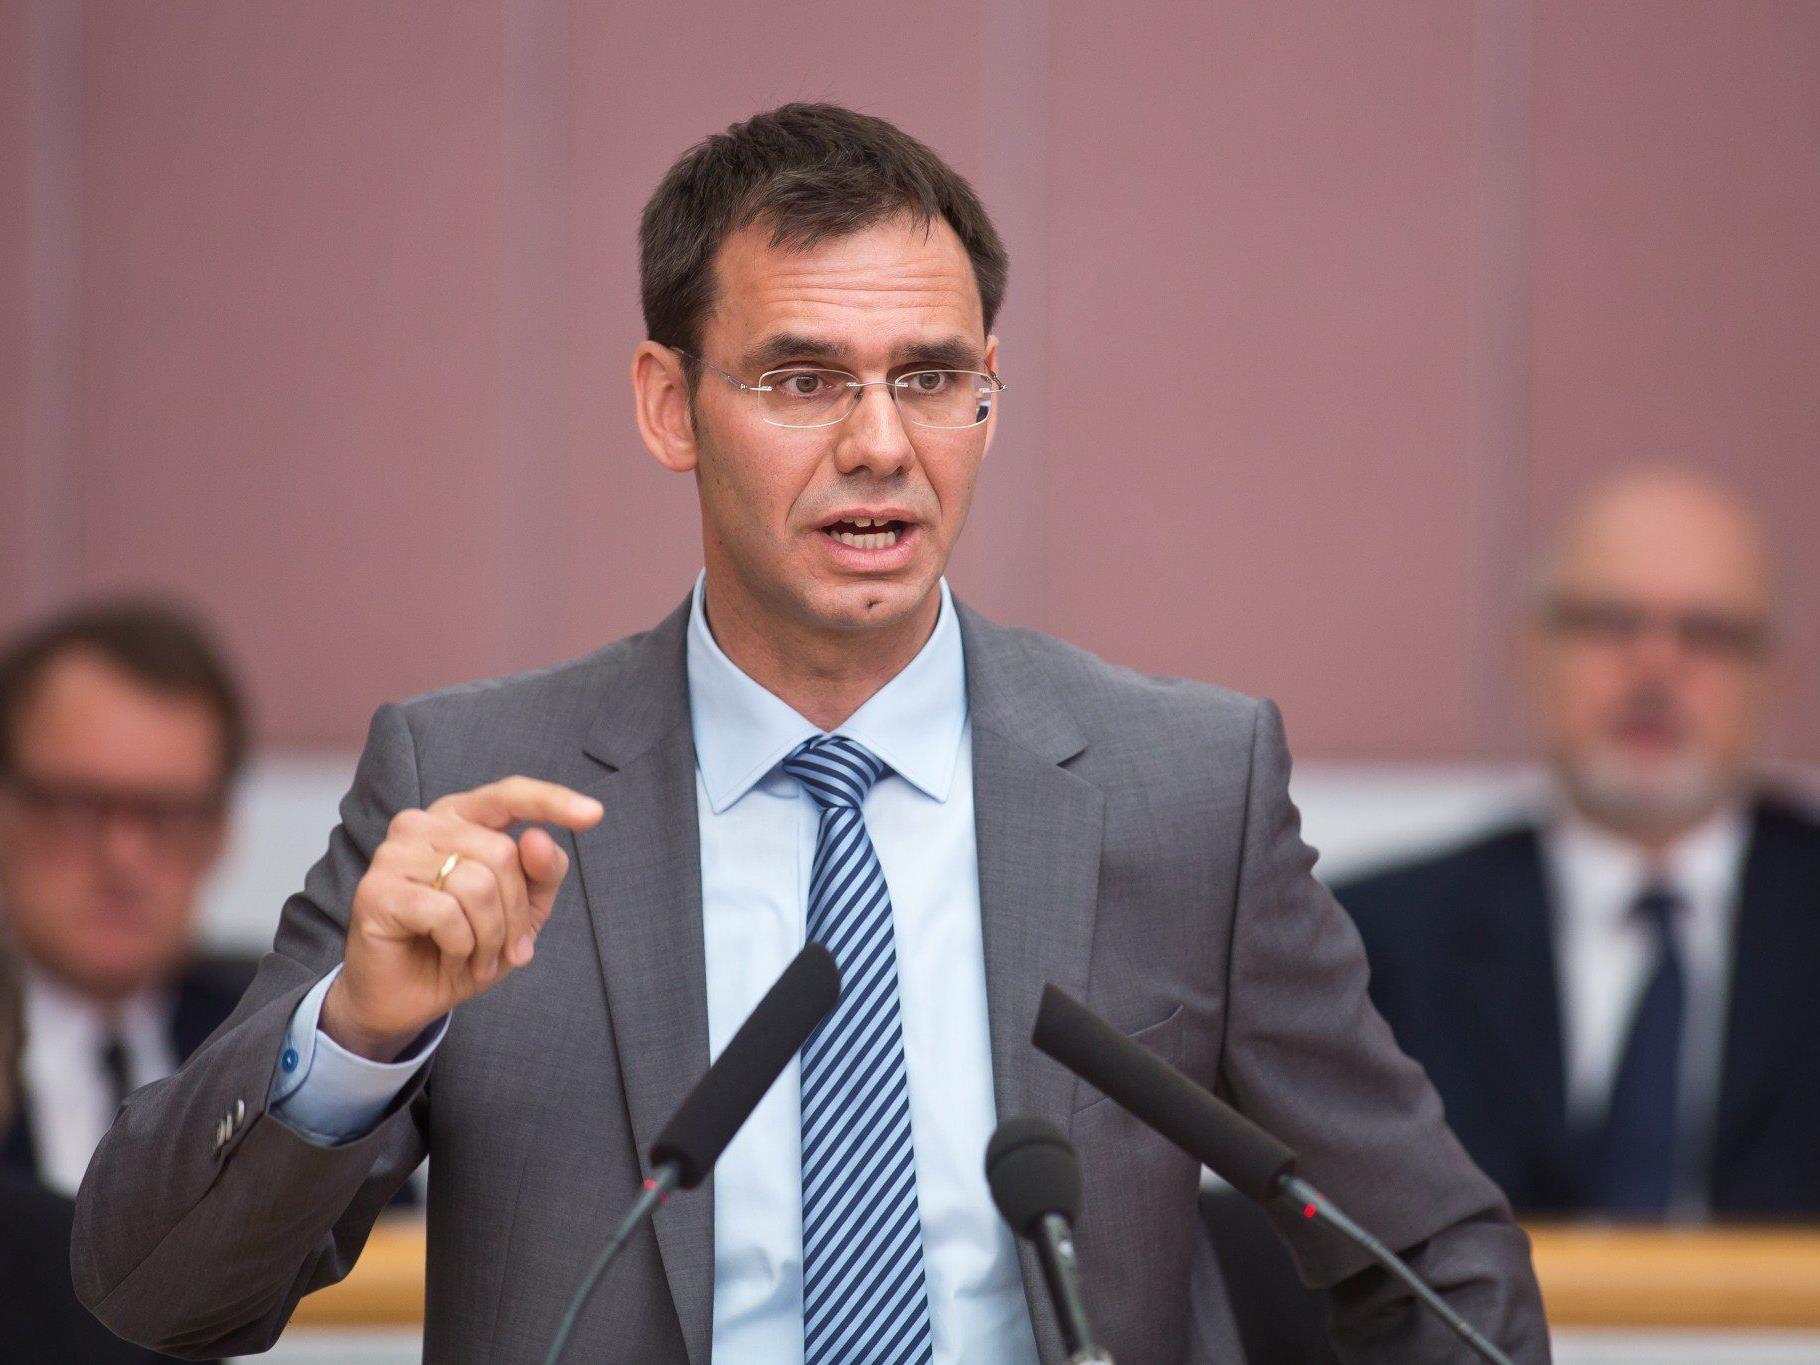 Vorarlberger Landeshauptmann möchte weitere Vorgangsweise bei der Finanzreferentenkonferenz besprechen.